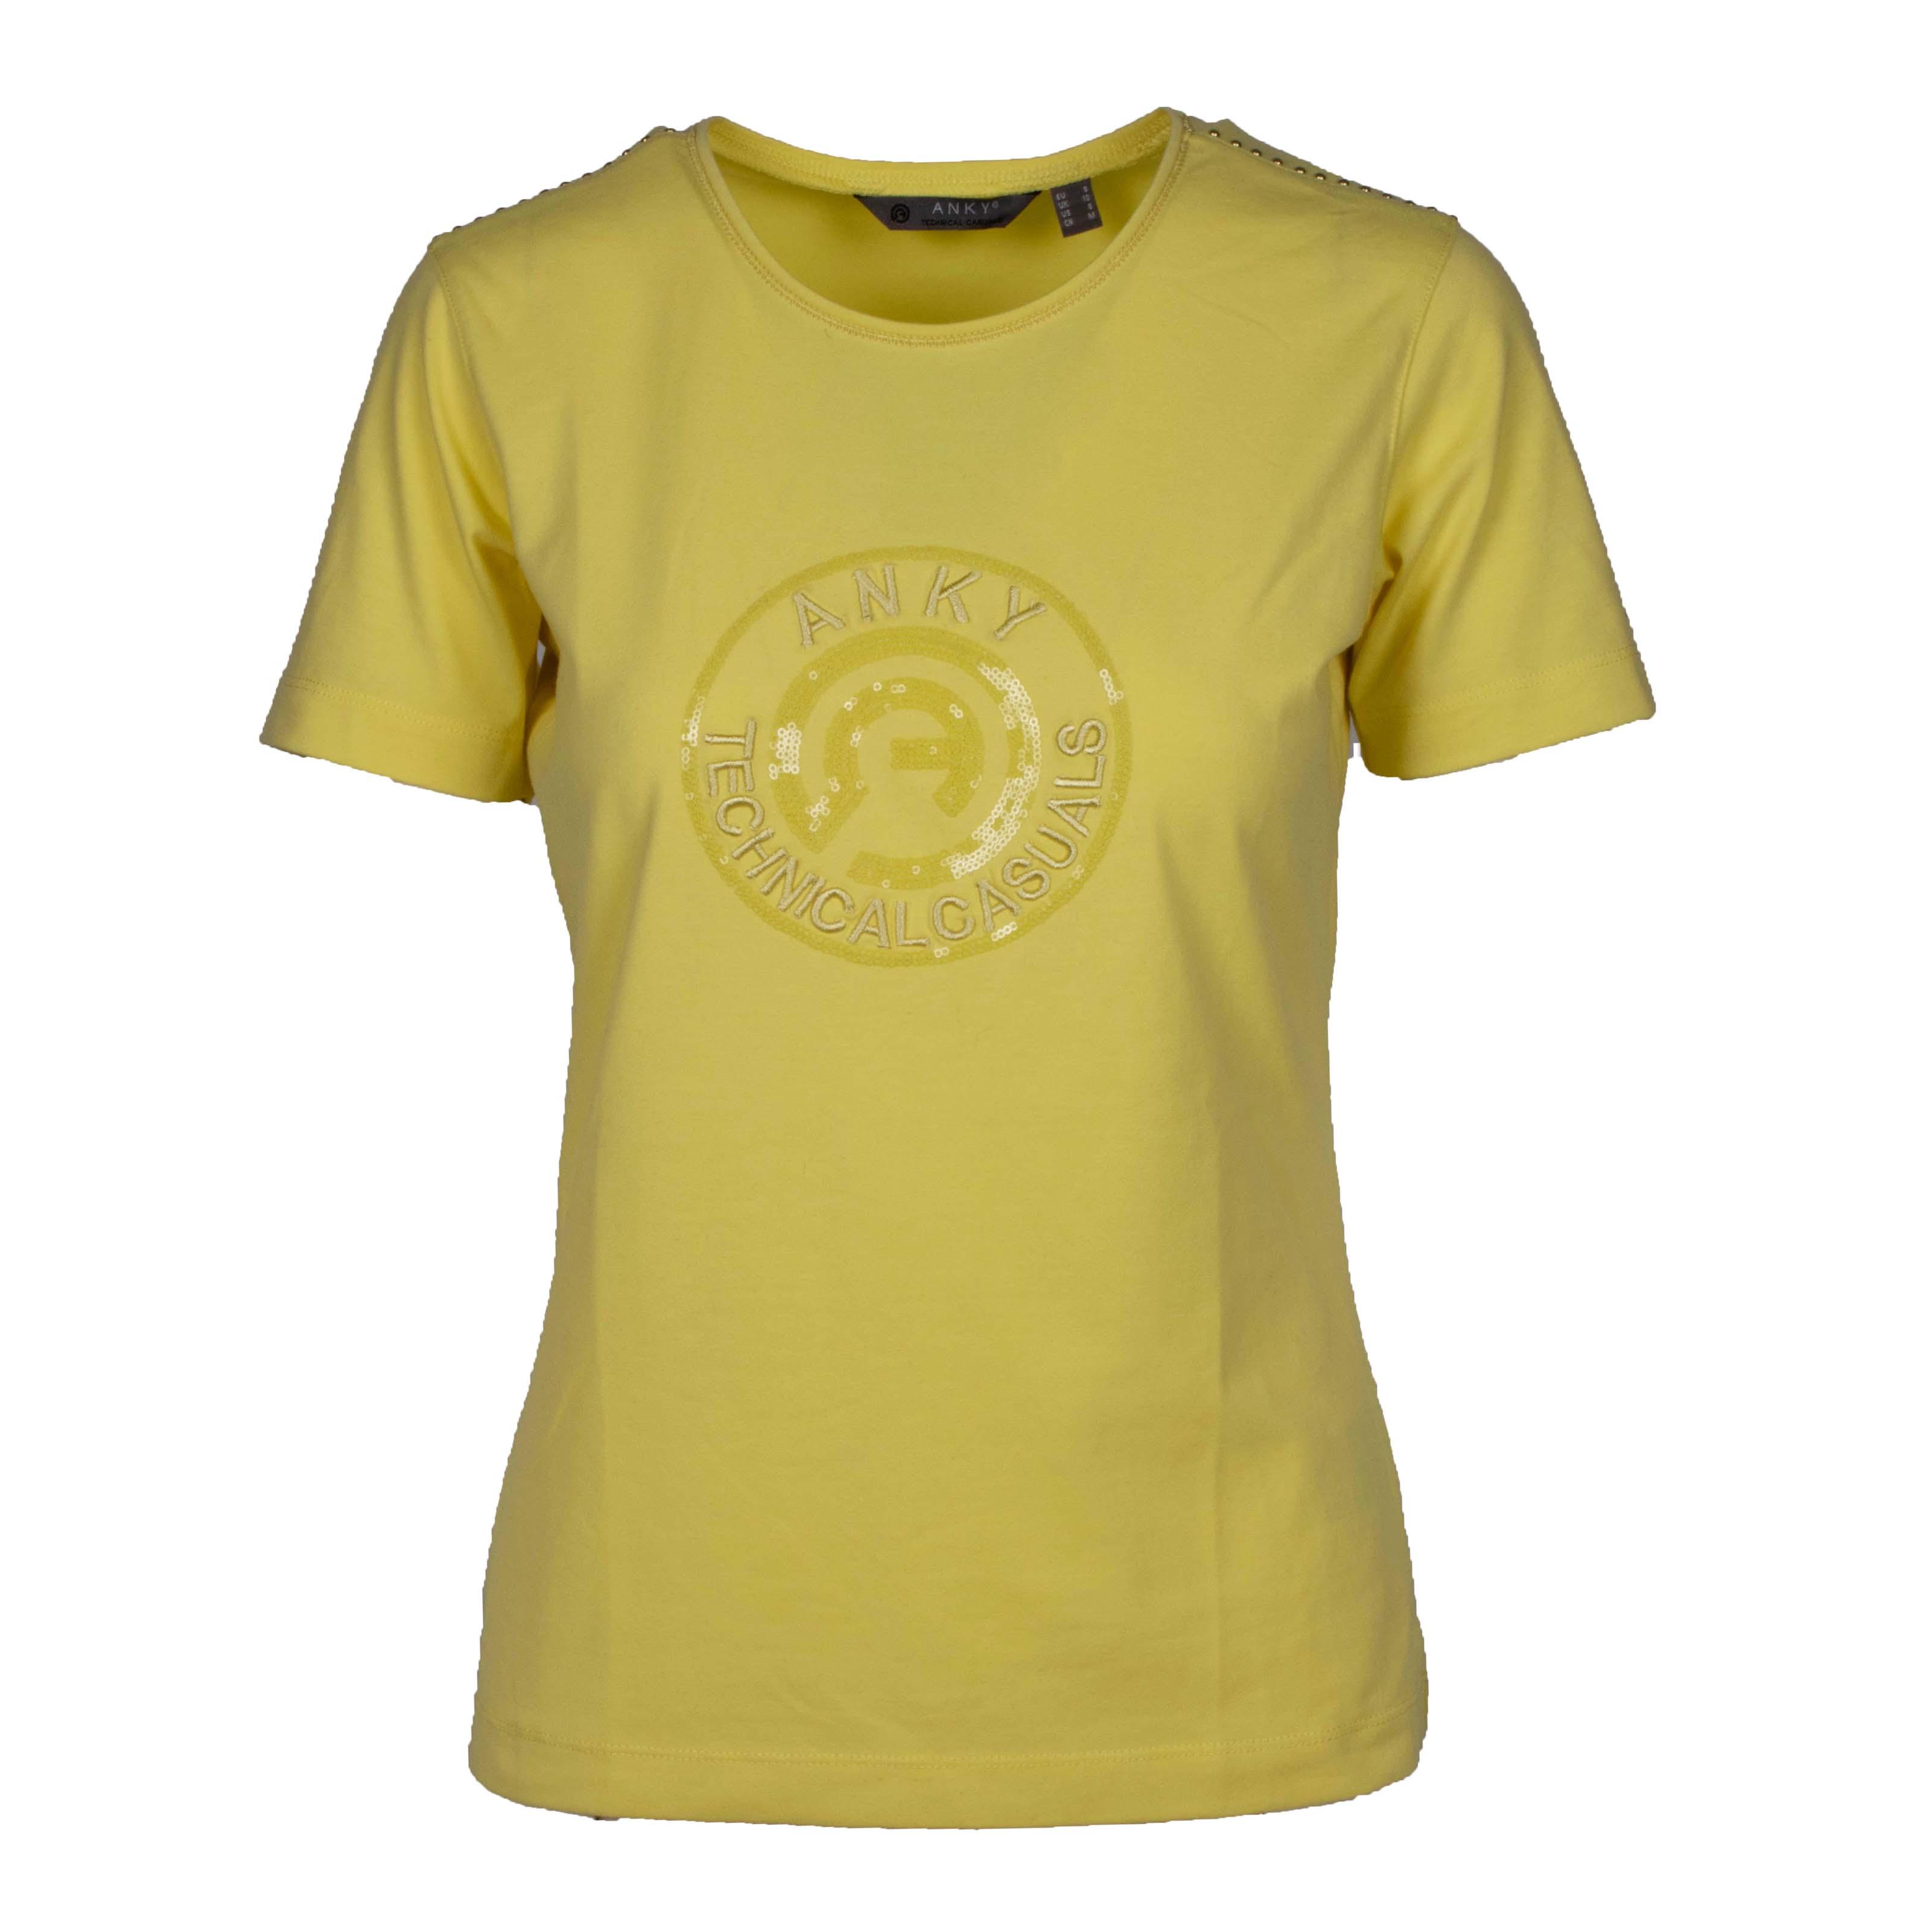 ANKY T-Shirt Logo ATC211302 geel maat:l